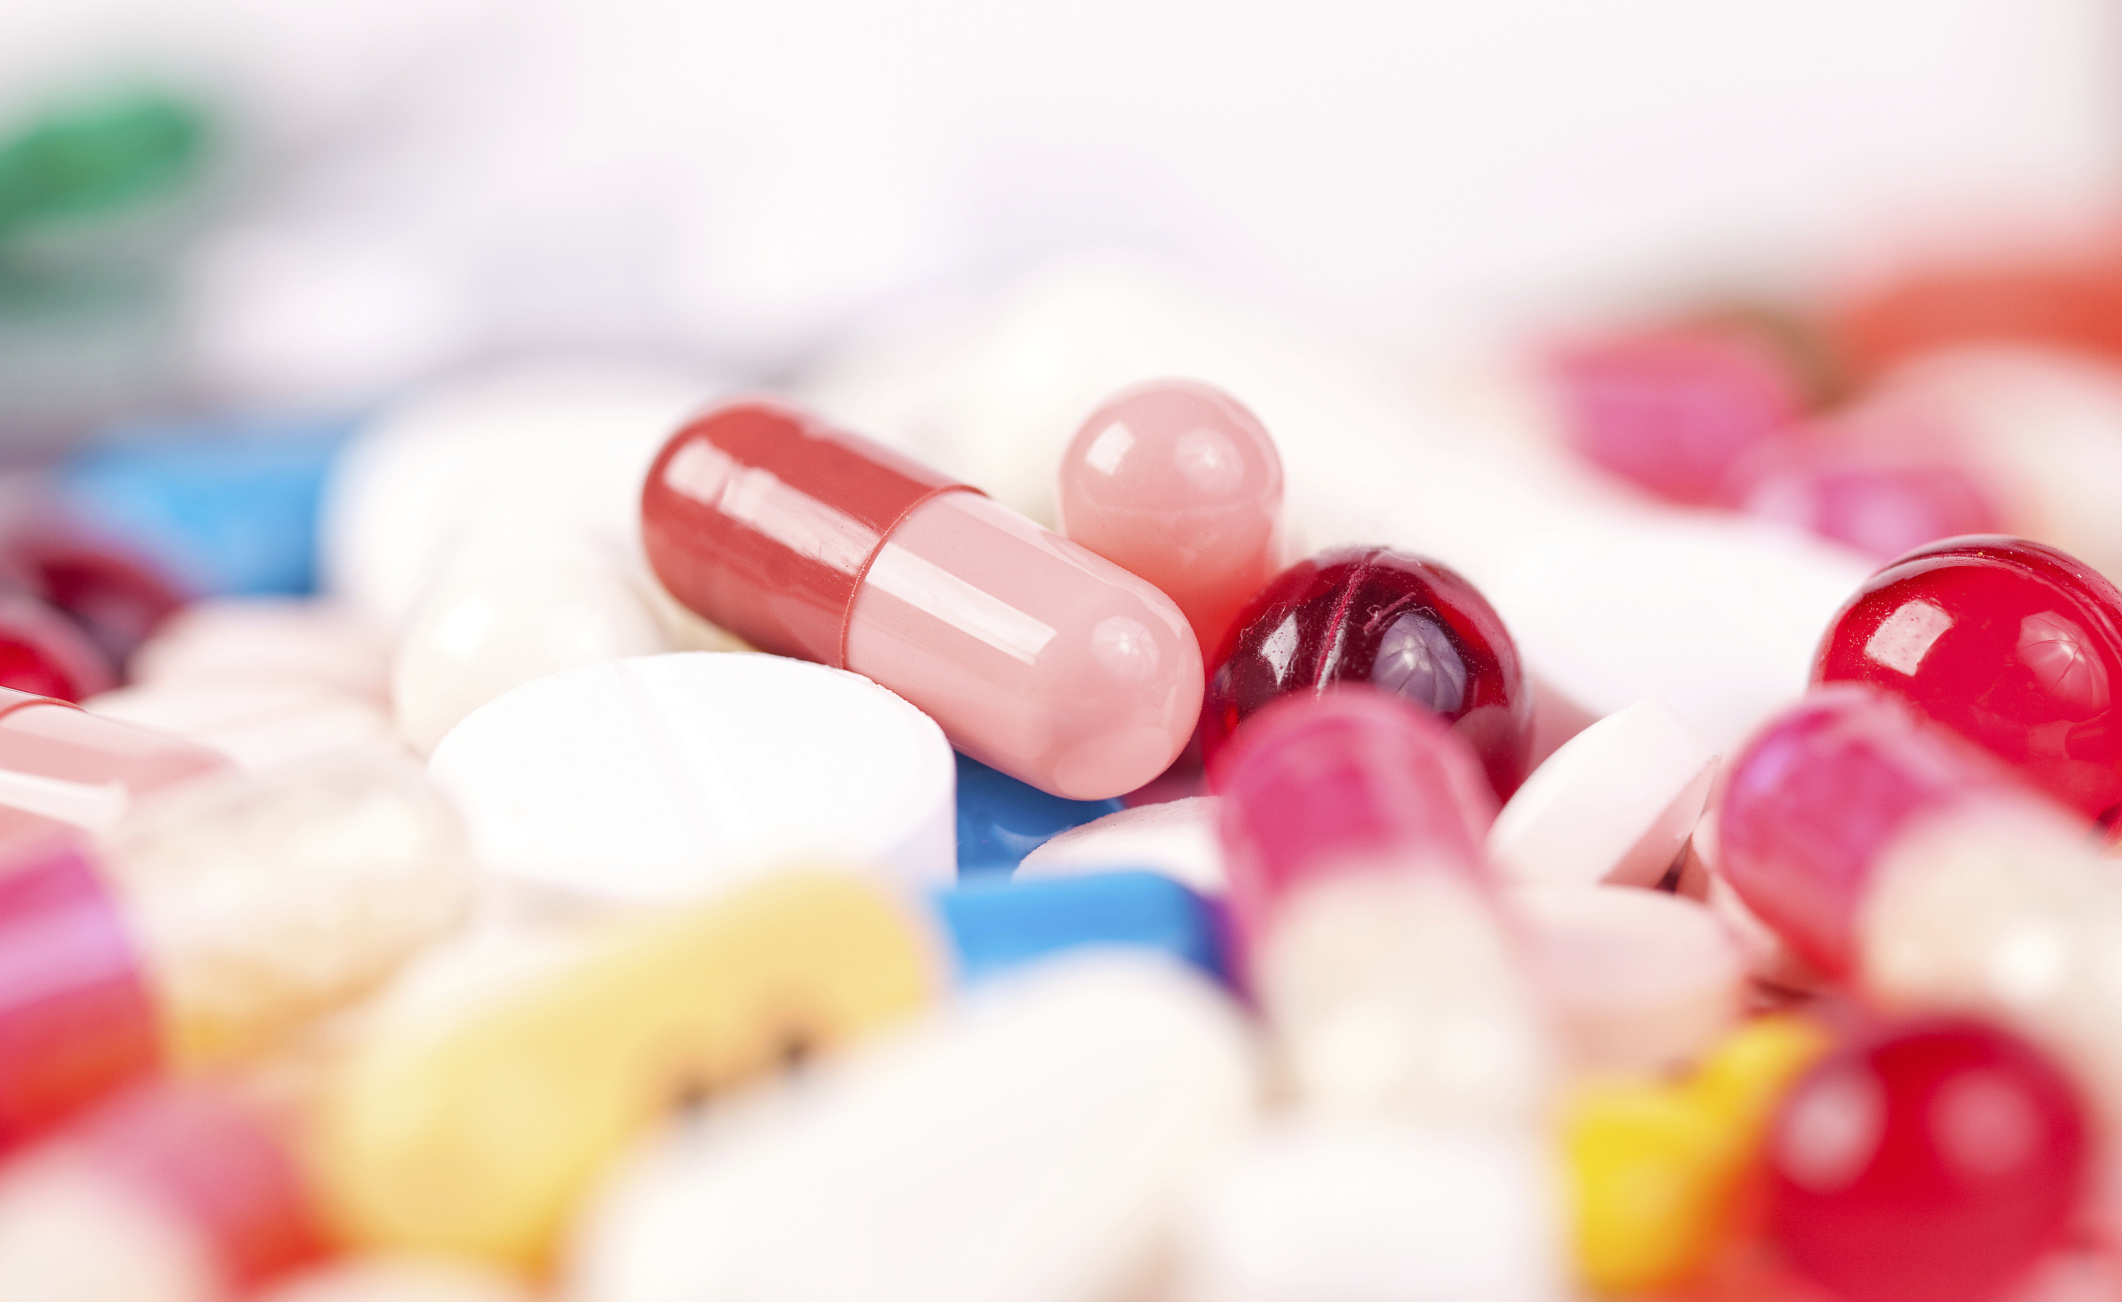 Un nuovo farmaco per migliorare la fertilità nelle donne obese